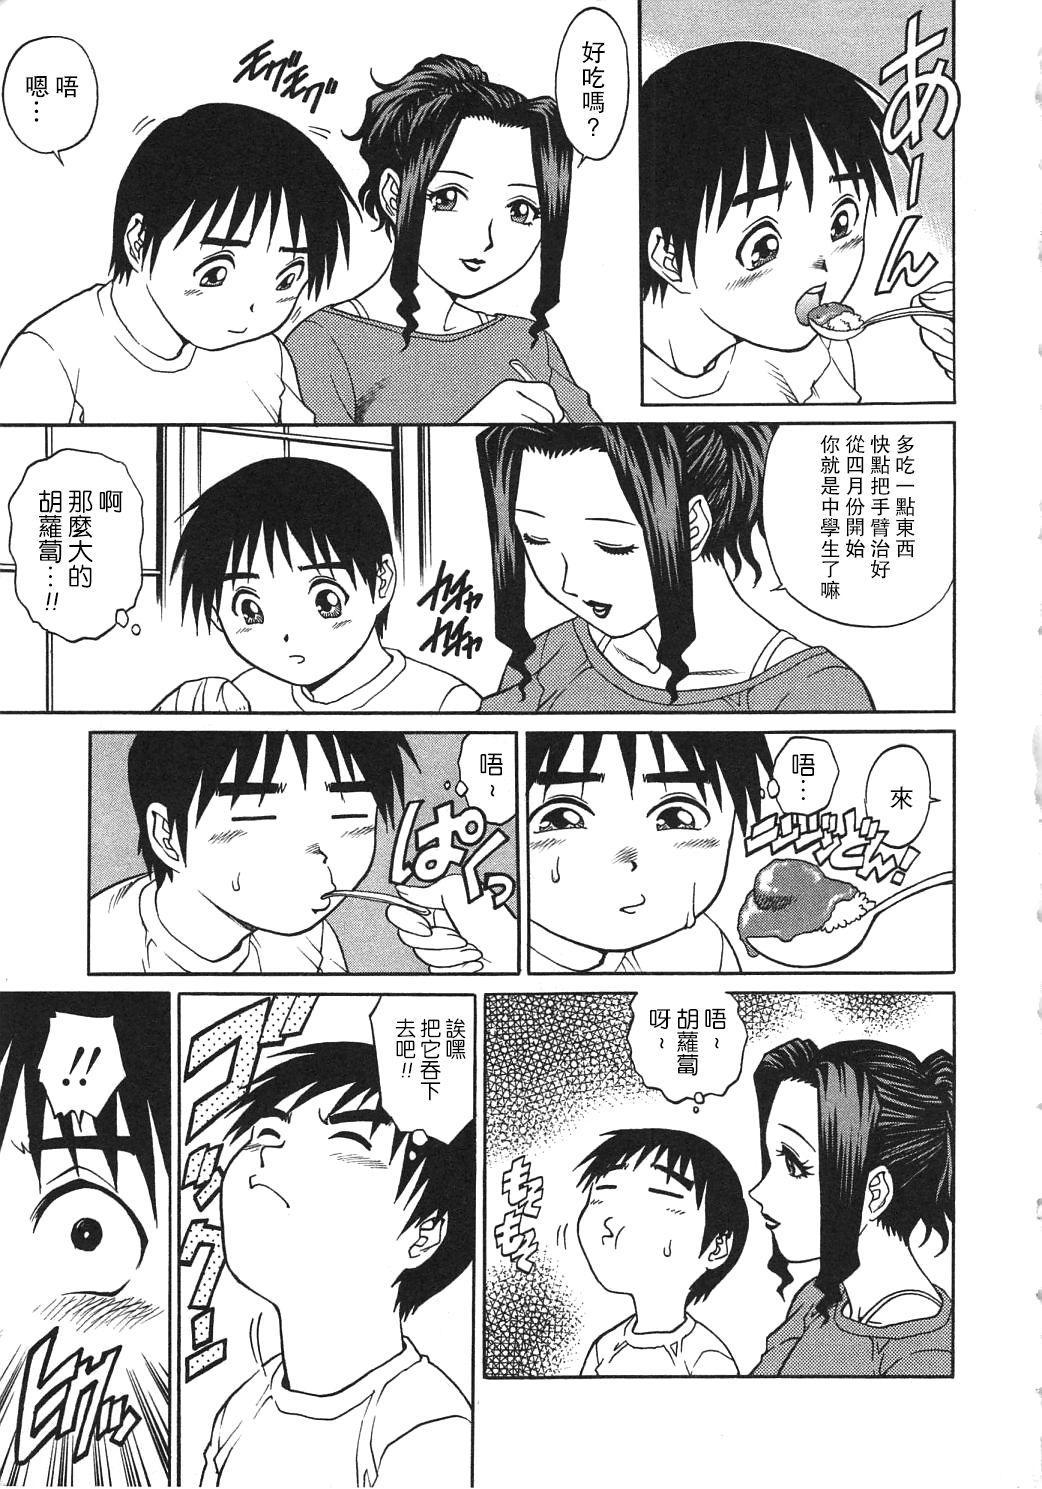 Mama to Yobenakute | 不能叫你媽媽 2